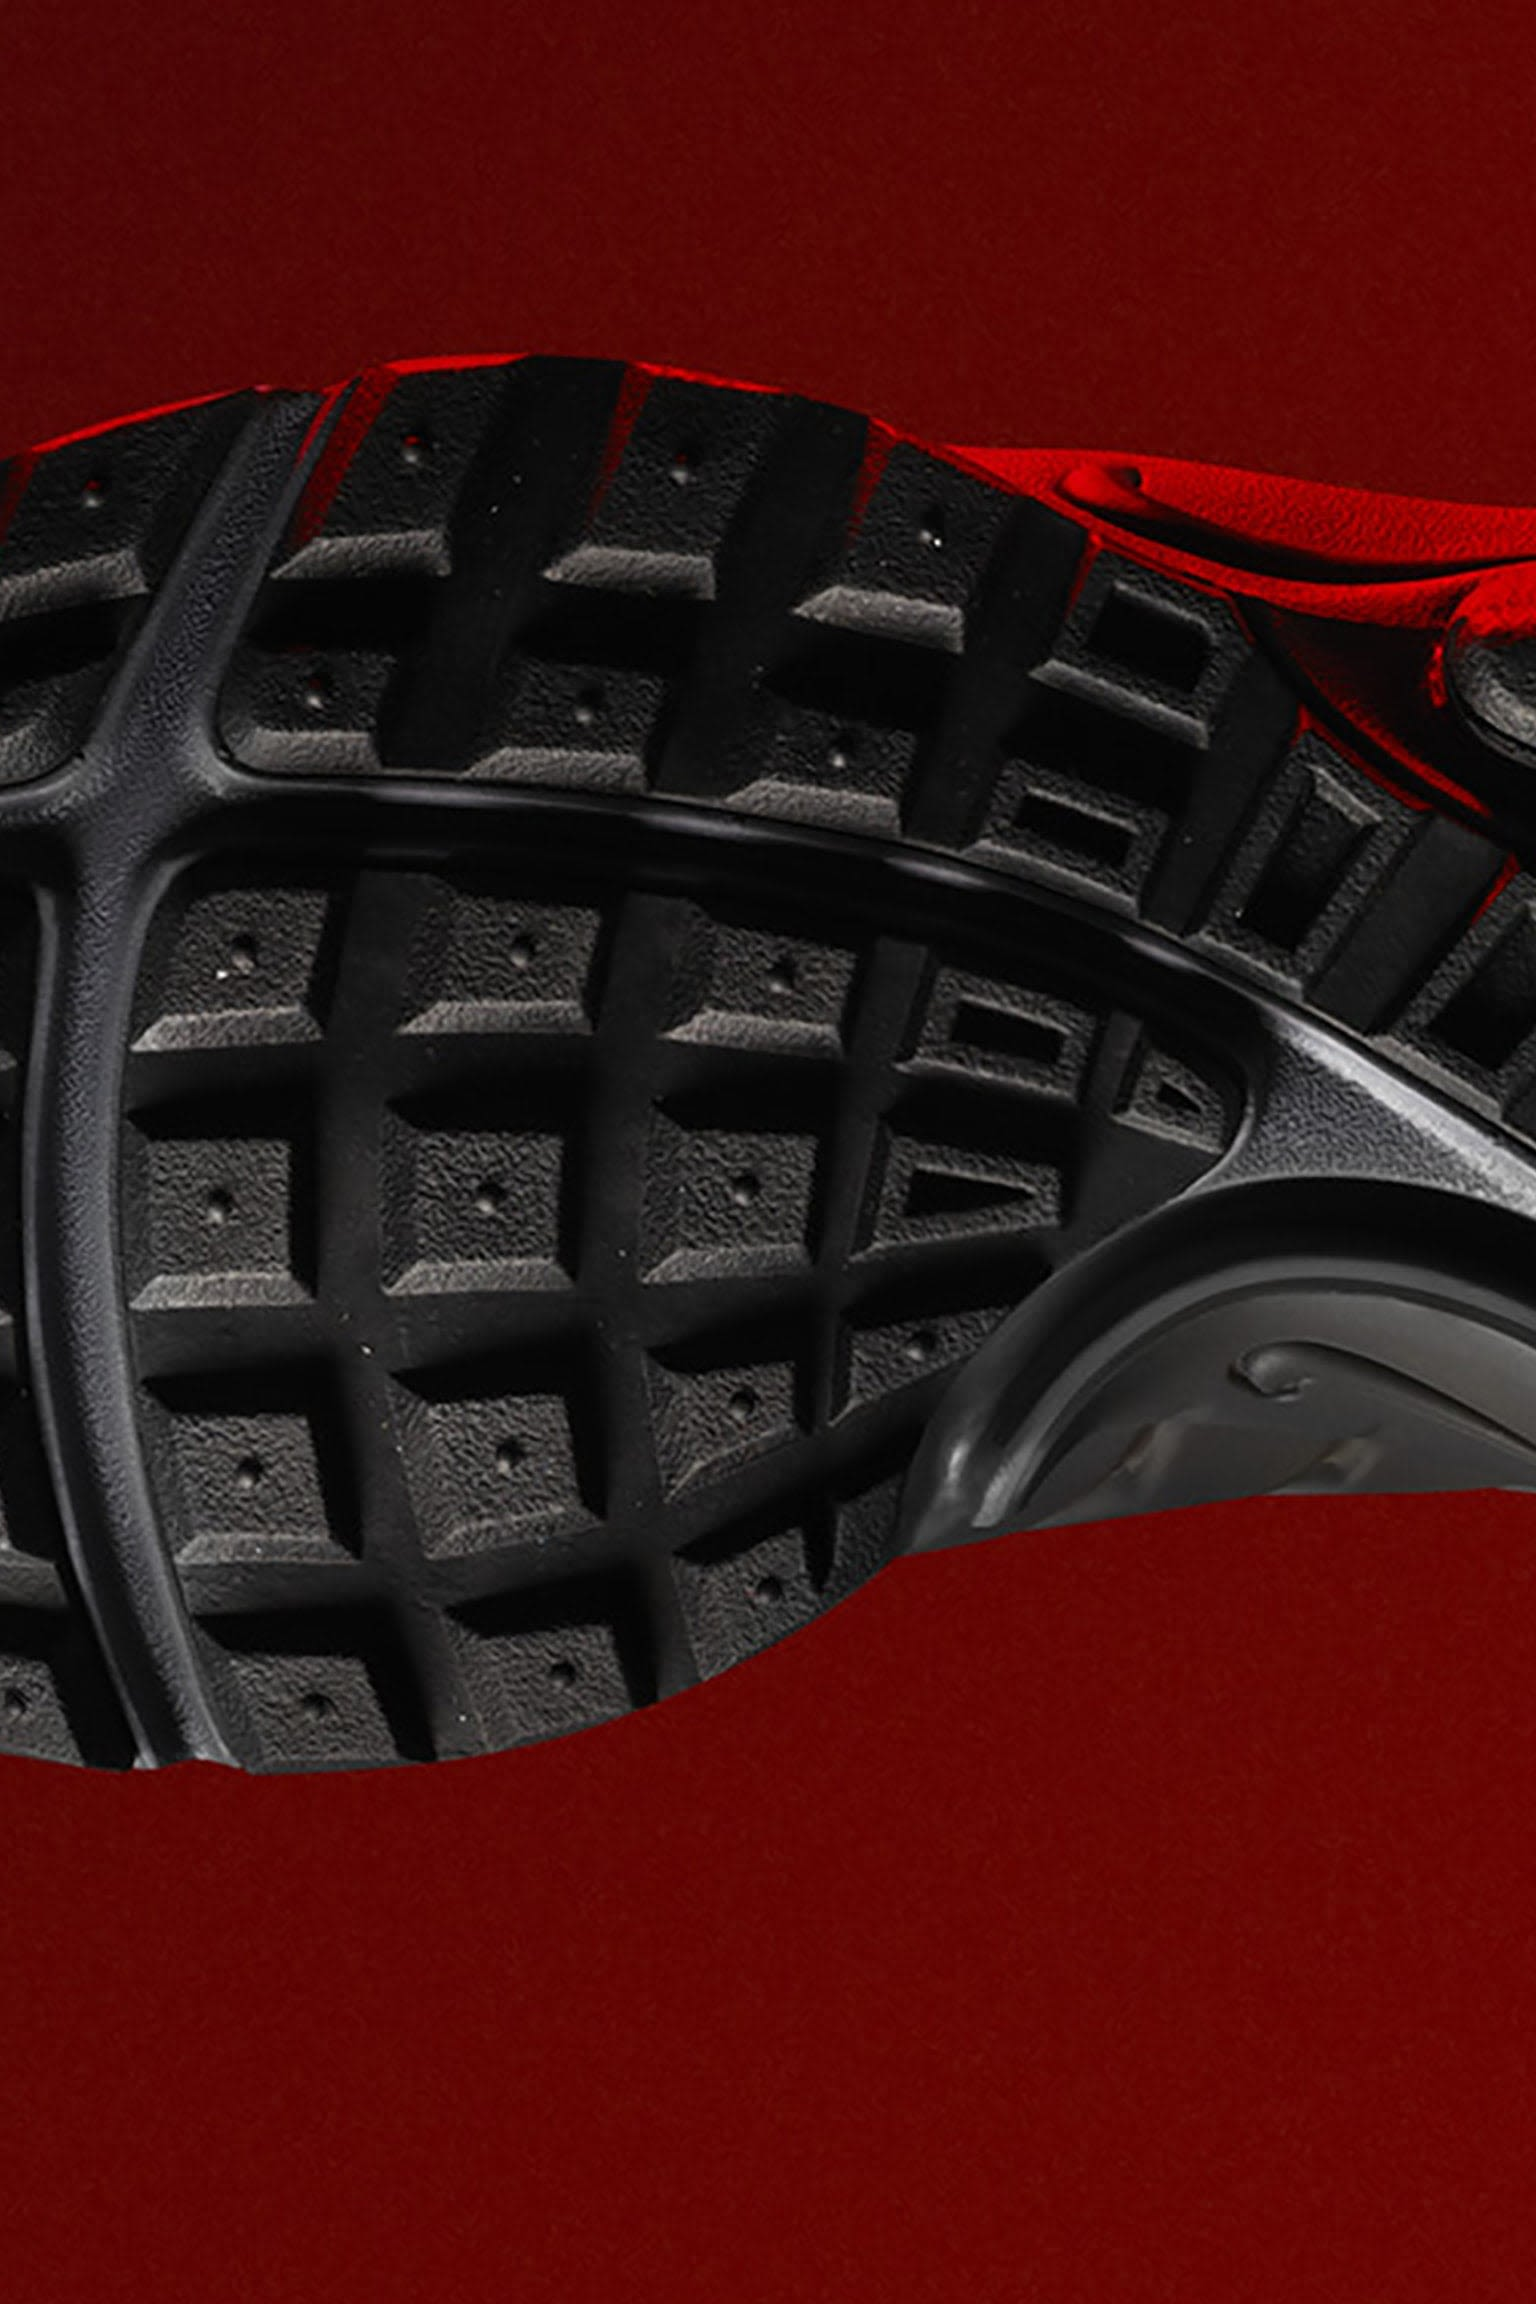 """Γυναικείο Nike Air Presto Mid Utility Sneakerboot """"Black & Reflect Silver"""". Ημερομηνία κυκλοφορίας"""